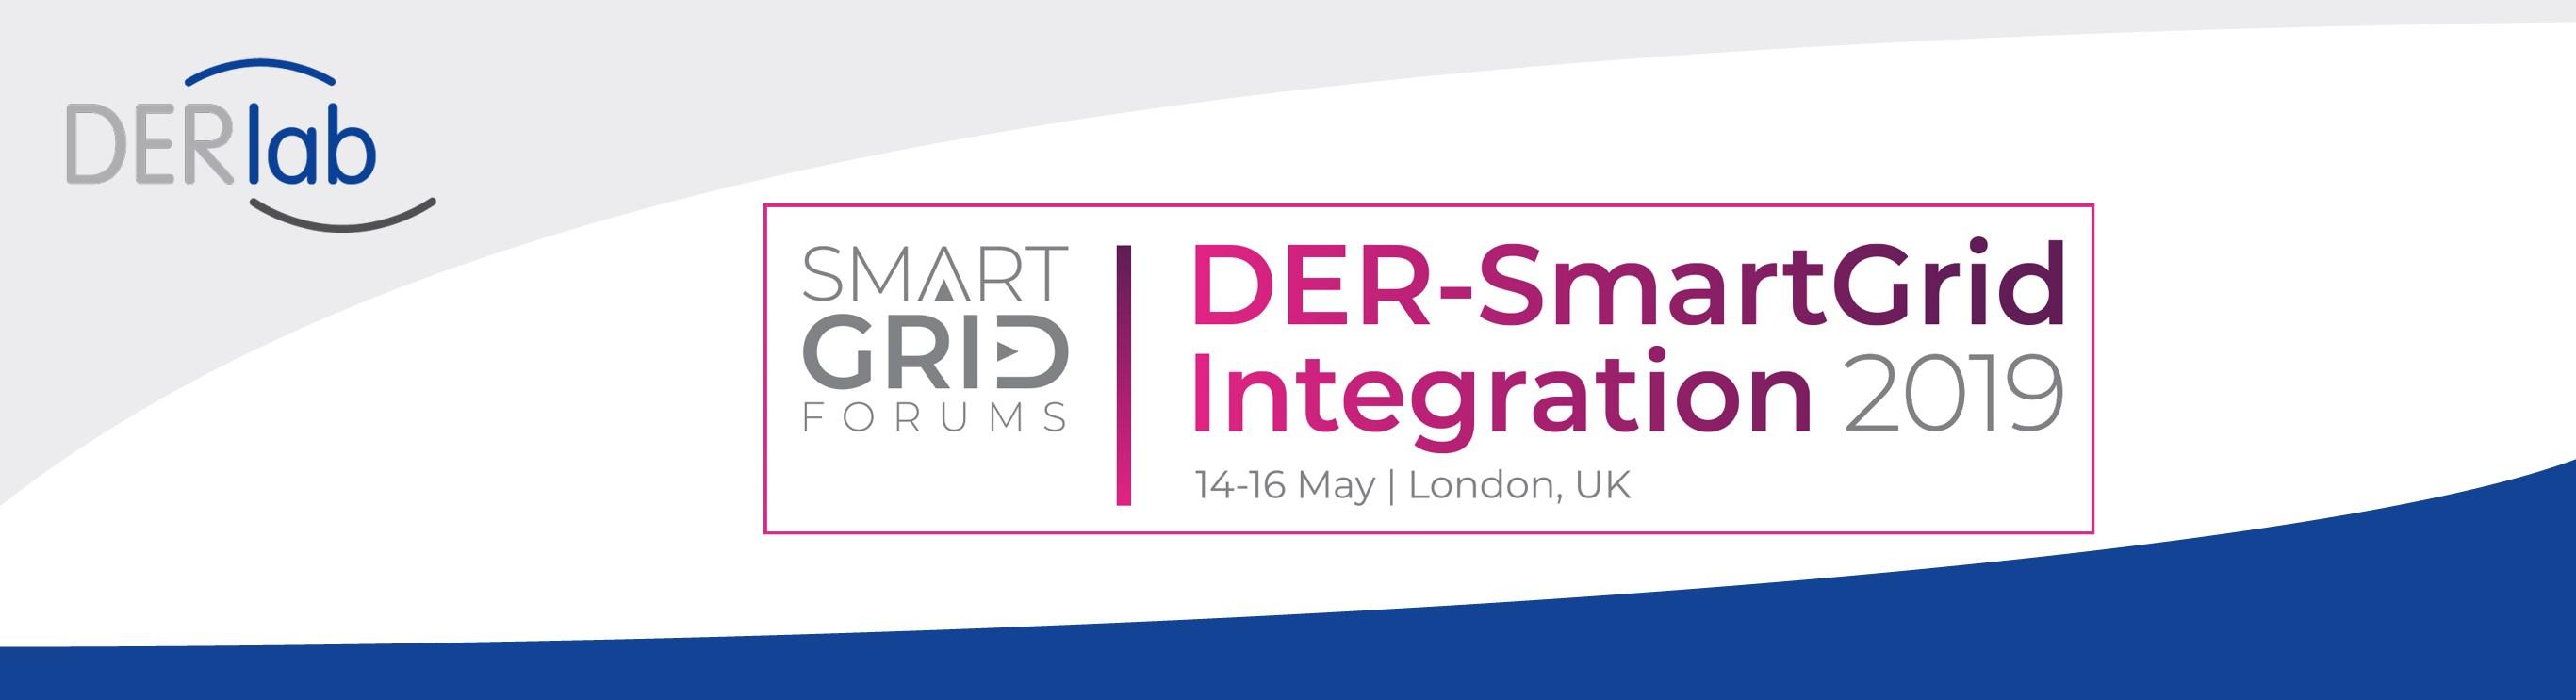 DERlab partners with DER-SmartGrid Integration 2019